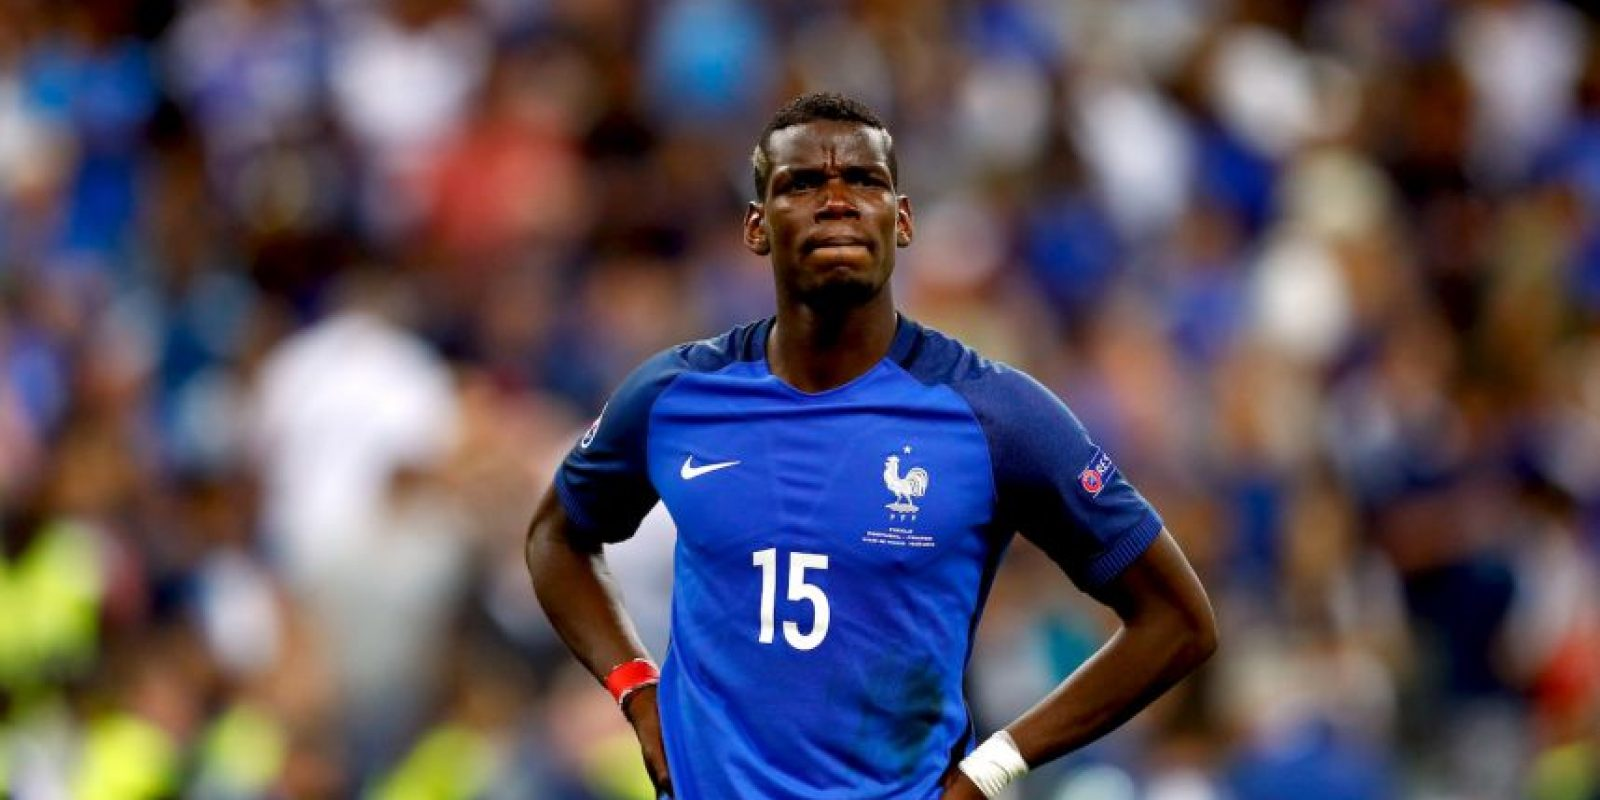 Sin embargo, Manchester United está dispuesto a pagar el precio por el jugador y ya ofrecieron 104 millones de euros Foto:Getty Images